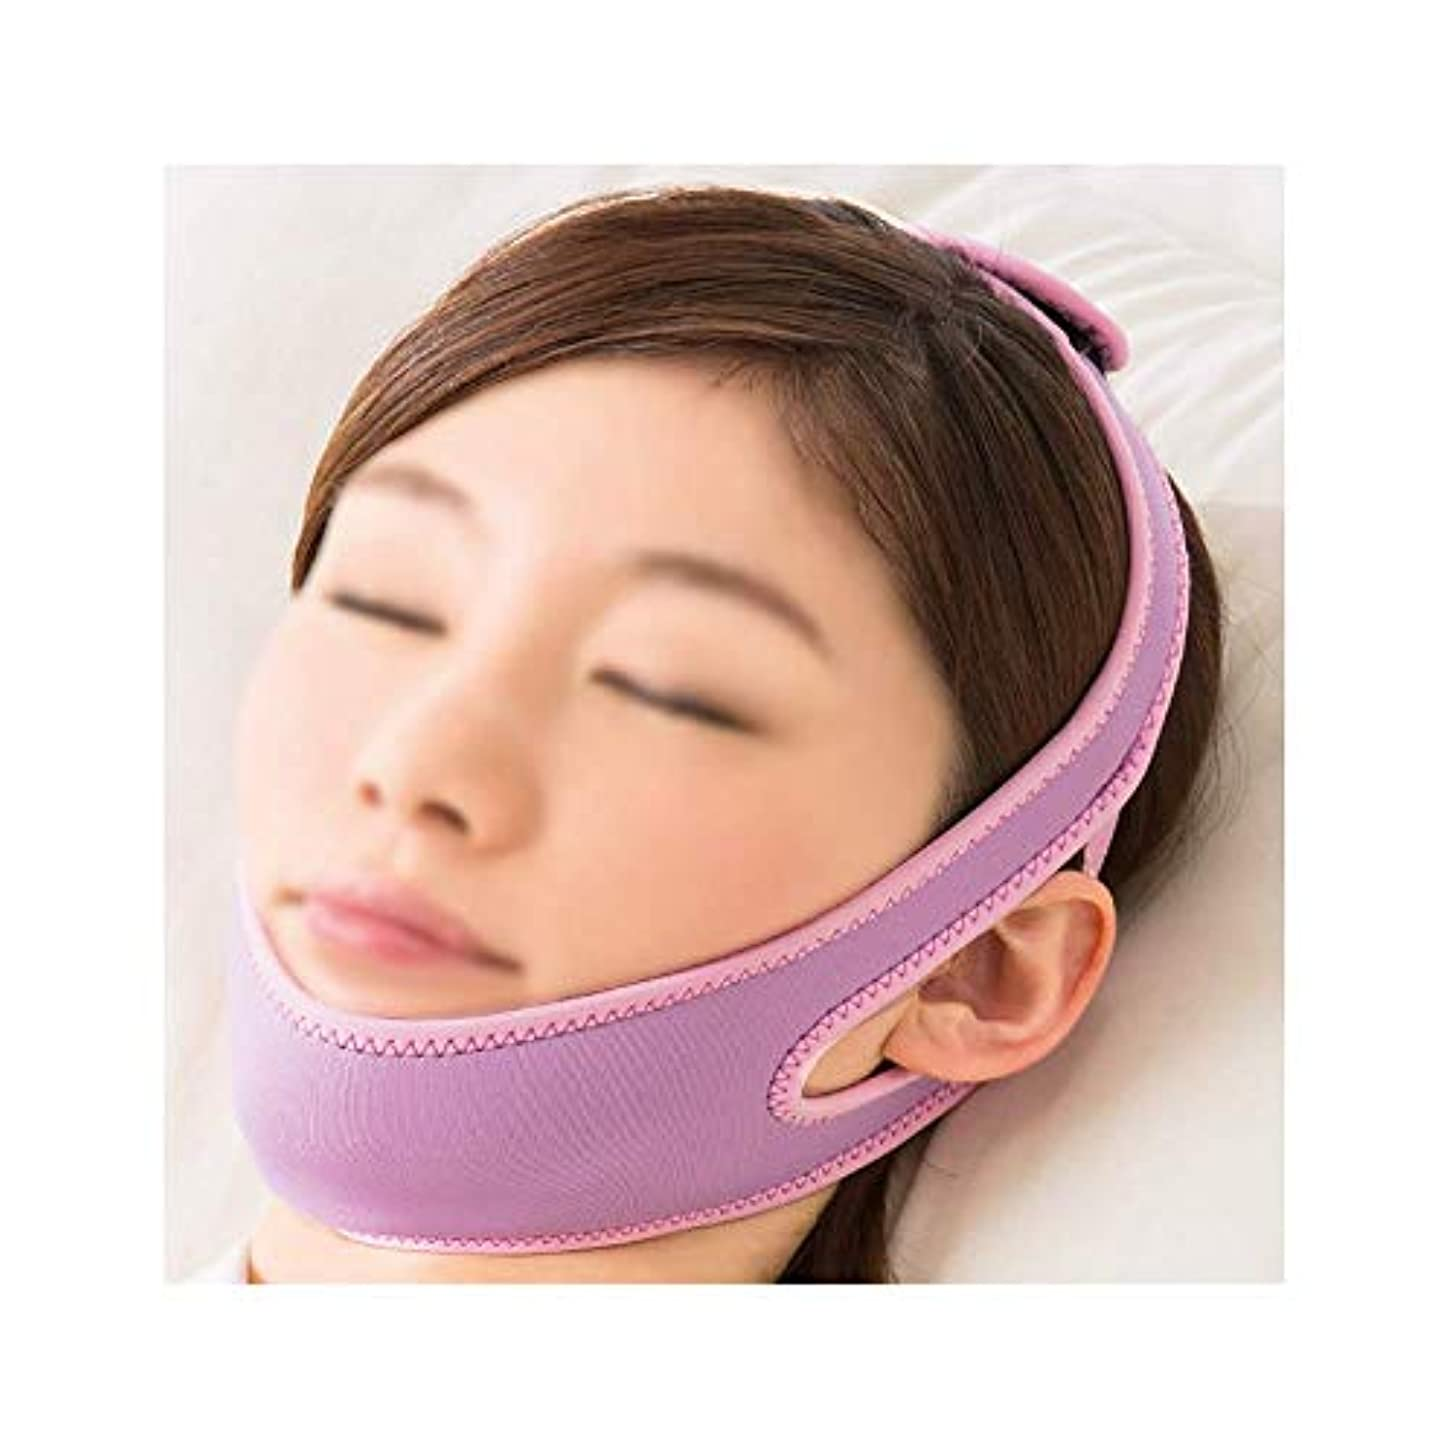 権限存在するストライプフェイシャルマスク、フェイスリフティングアーティファクトフェイスマスク垂れ下がり面付きVフェイス包帯通気性スリーピングフェイスダブルチンチンセット睡眠弾性スリムベルト